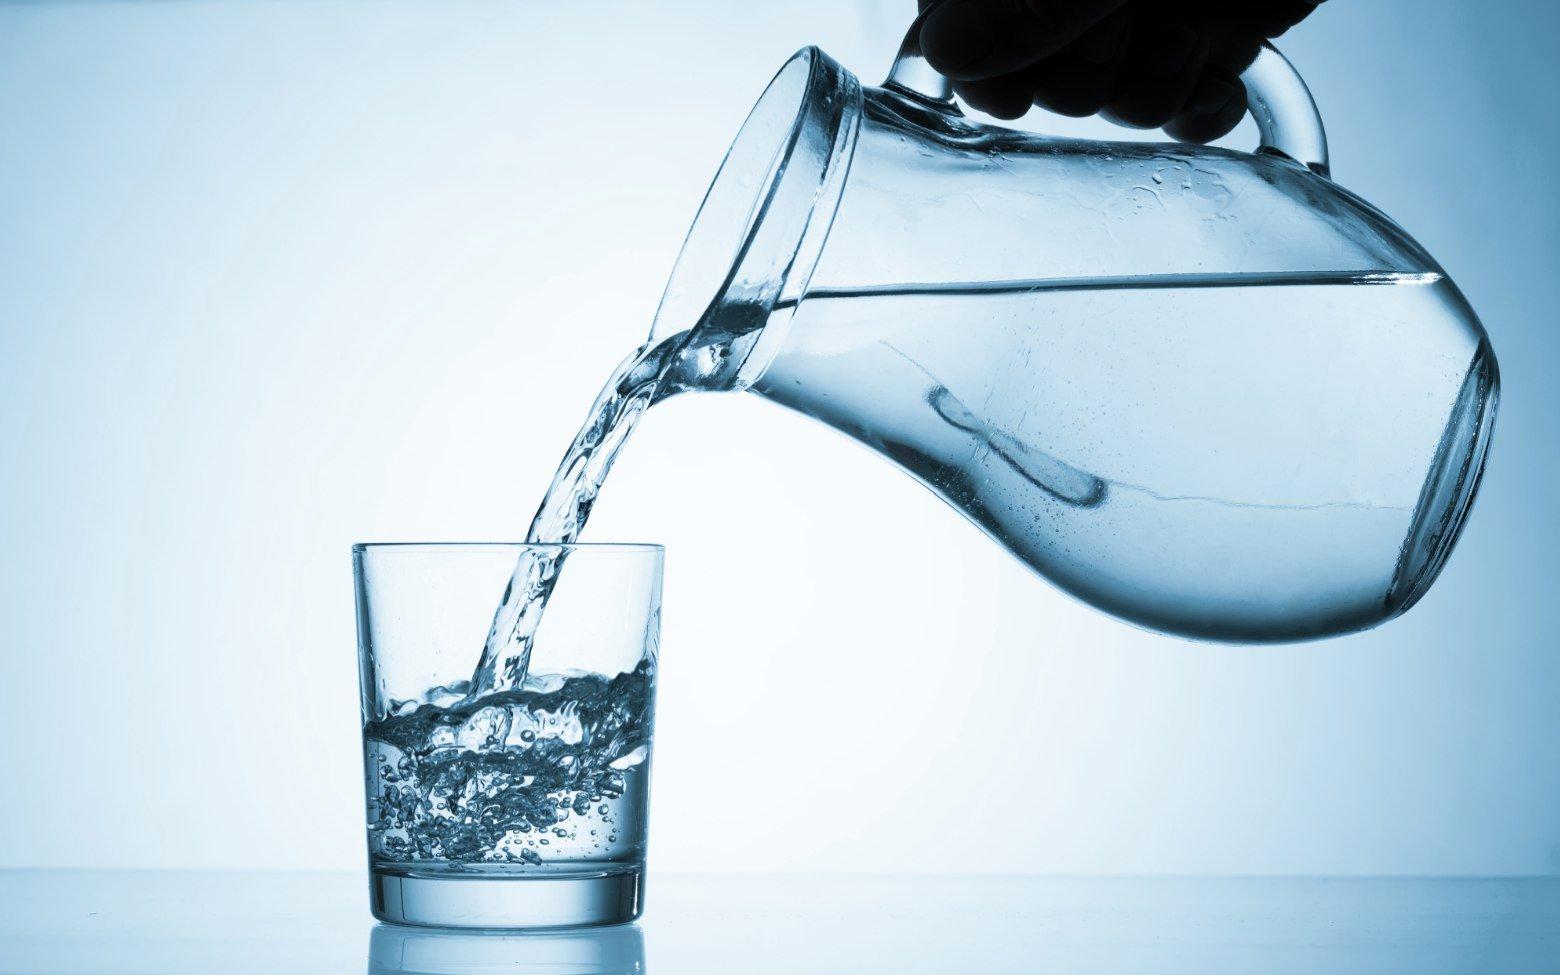 წყლის დეფიციტი ციხისძირში